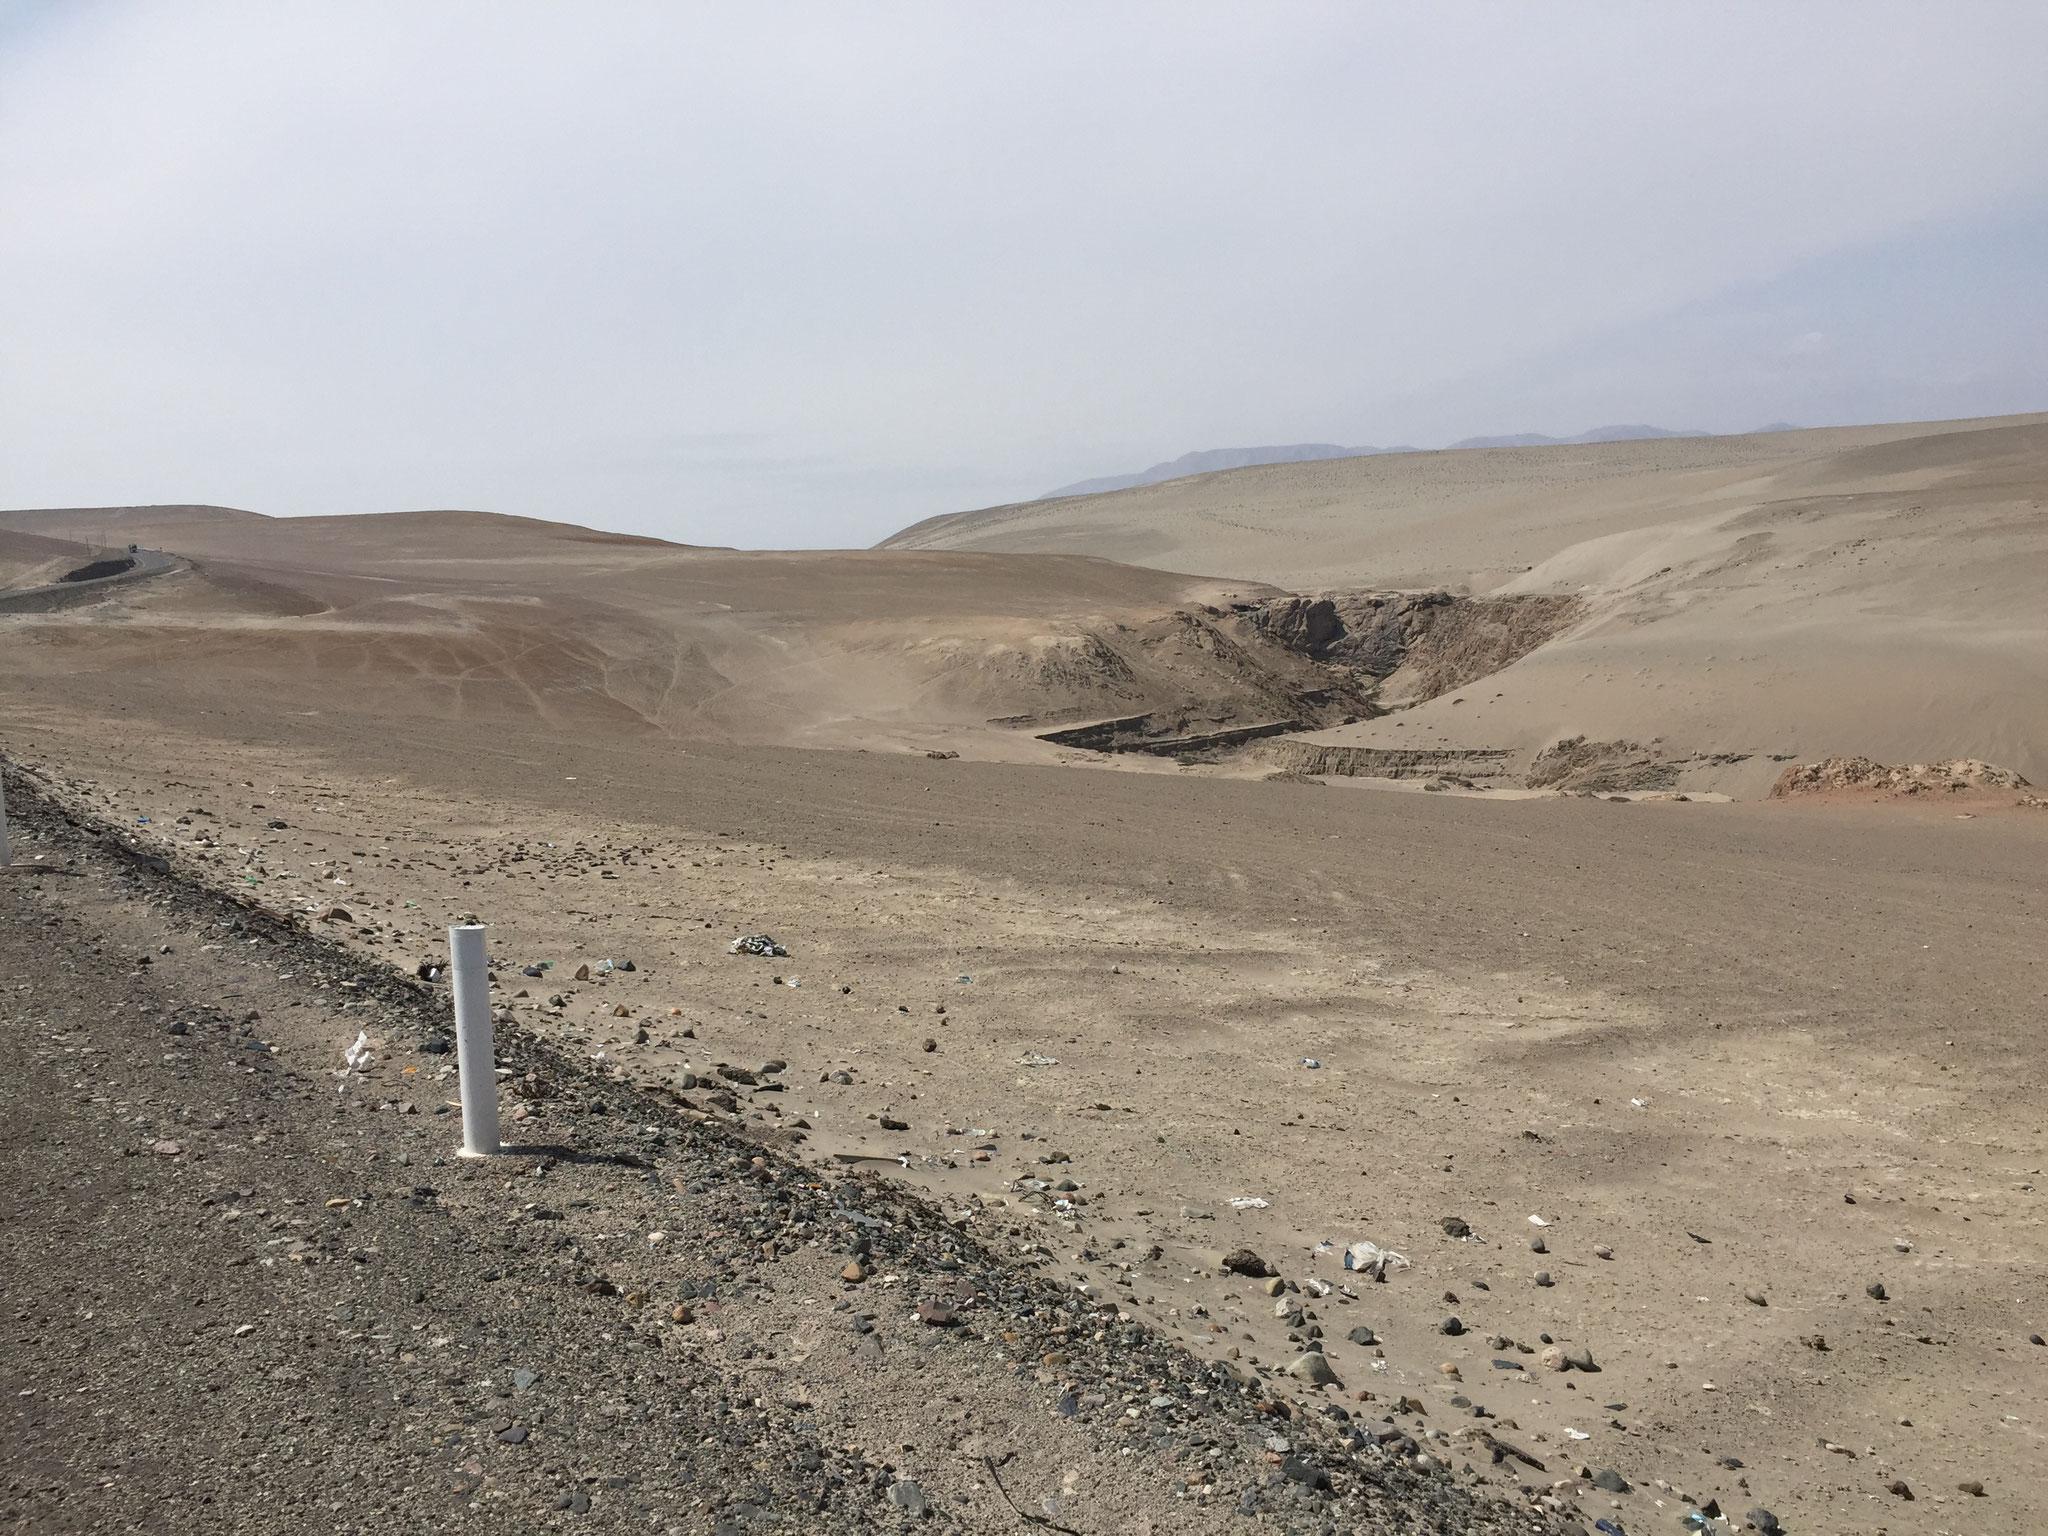 Weiterfahrt durch Wüstenlandschaft